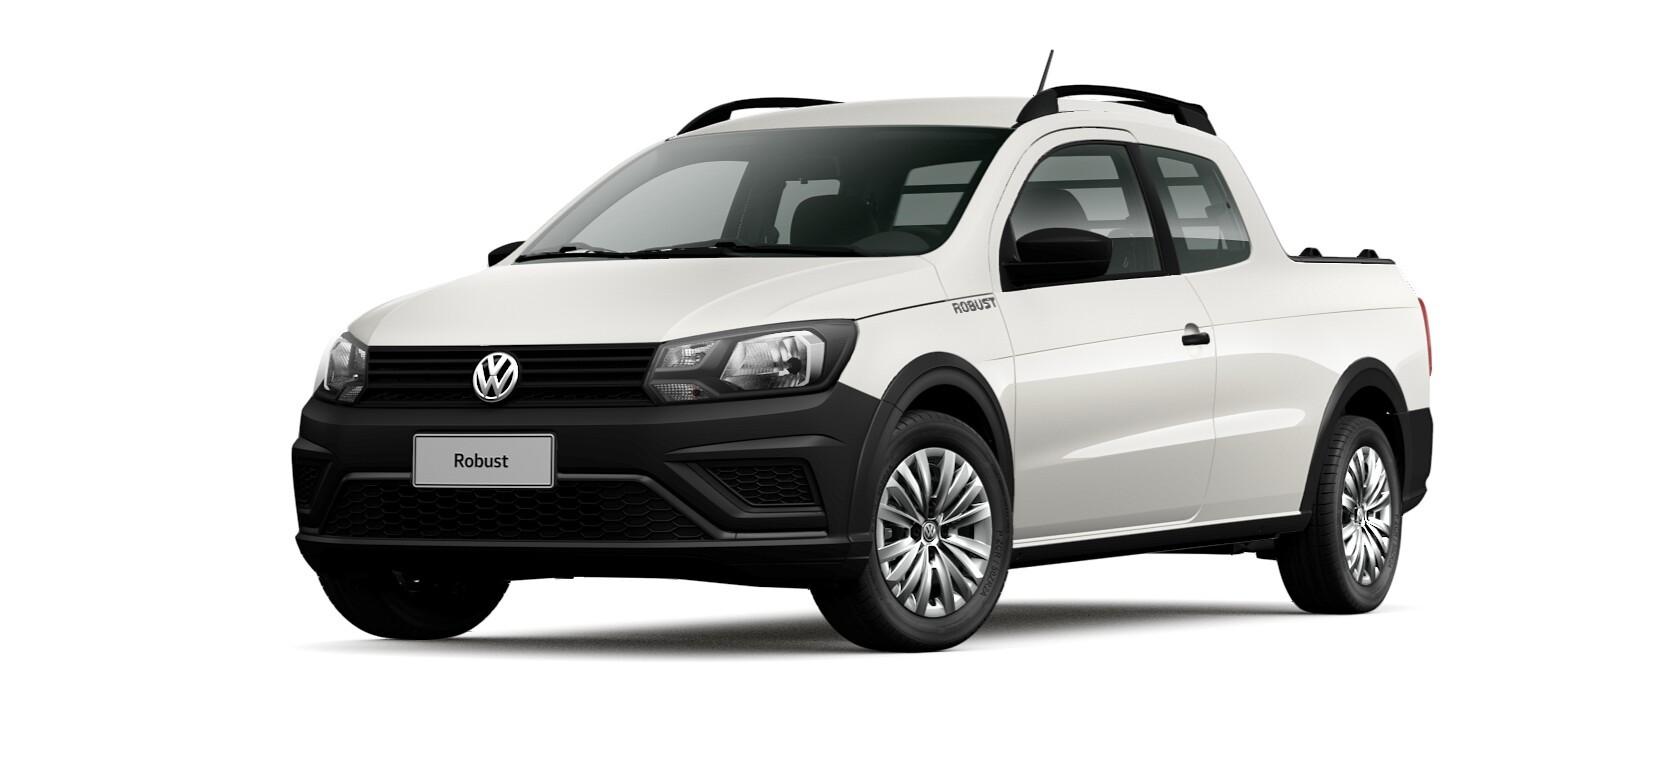 Volkswagen Saveiro cabine simples e cabine dupla: Entre os carros sem ar condicionado, exitem apenas dois de passeio mas, entre os comerciais leves, preços chegam até R$ 71.990 sem contar com o equipamento.